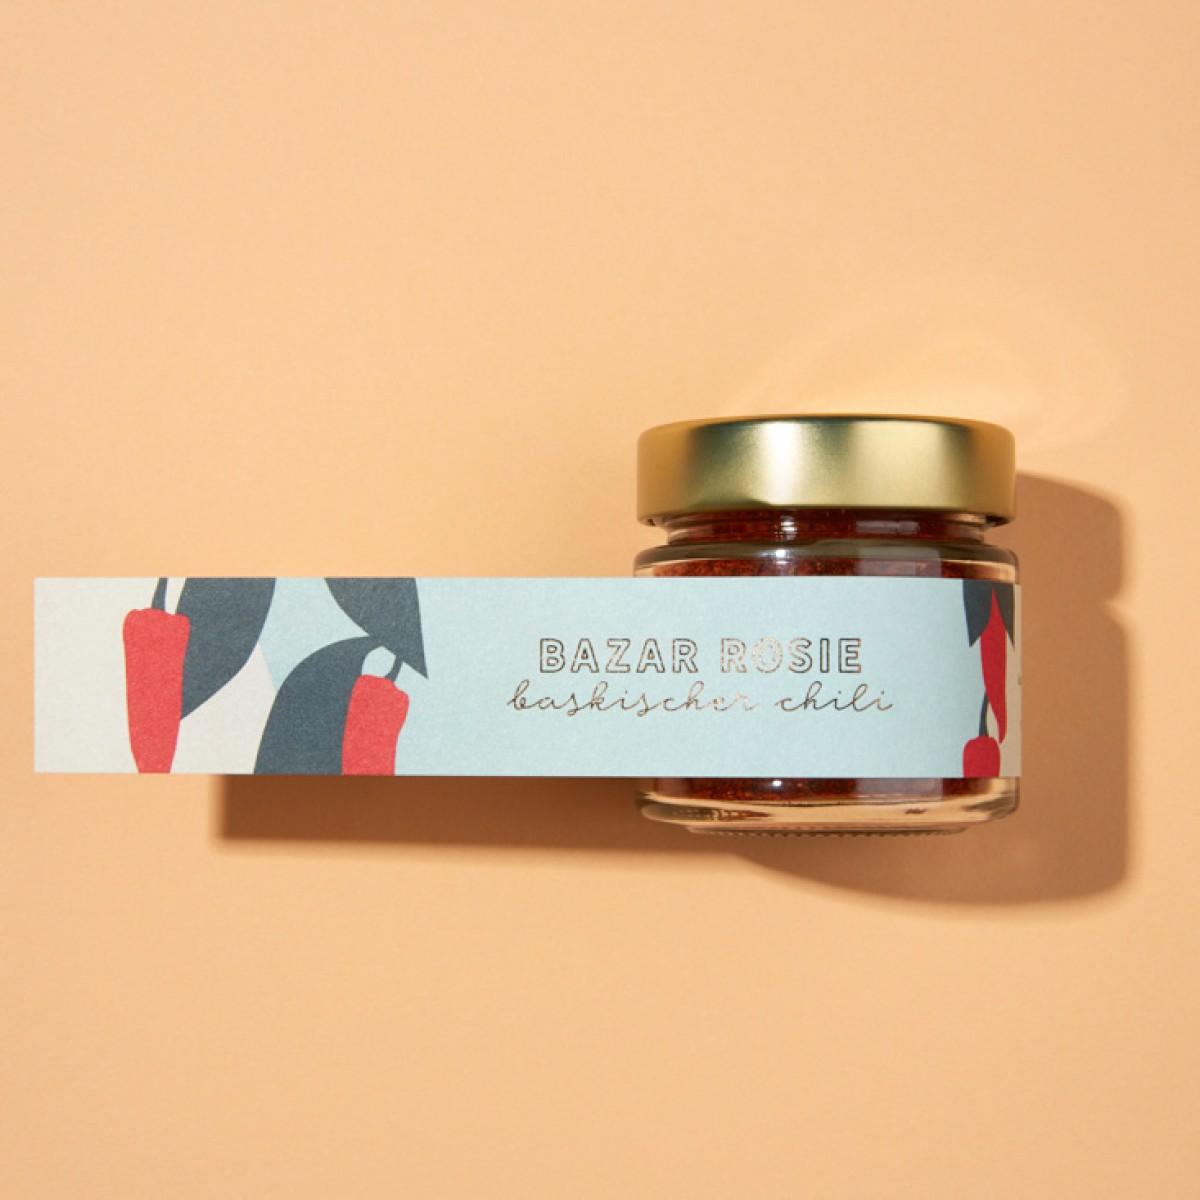 Bazar Rosie - Baskischer Chili (50g)